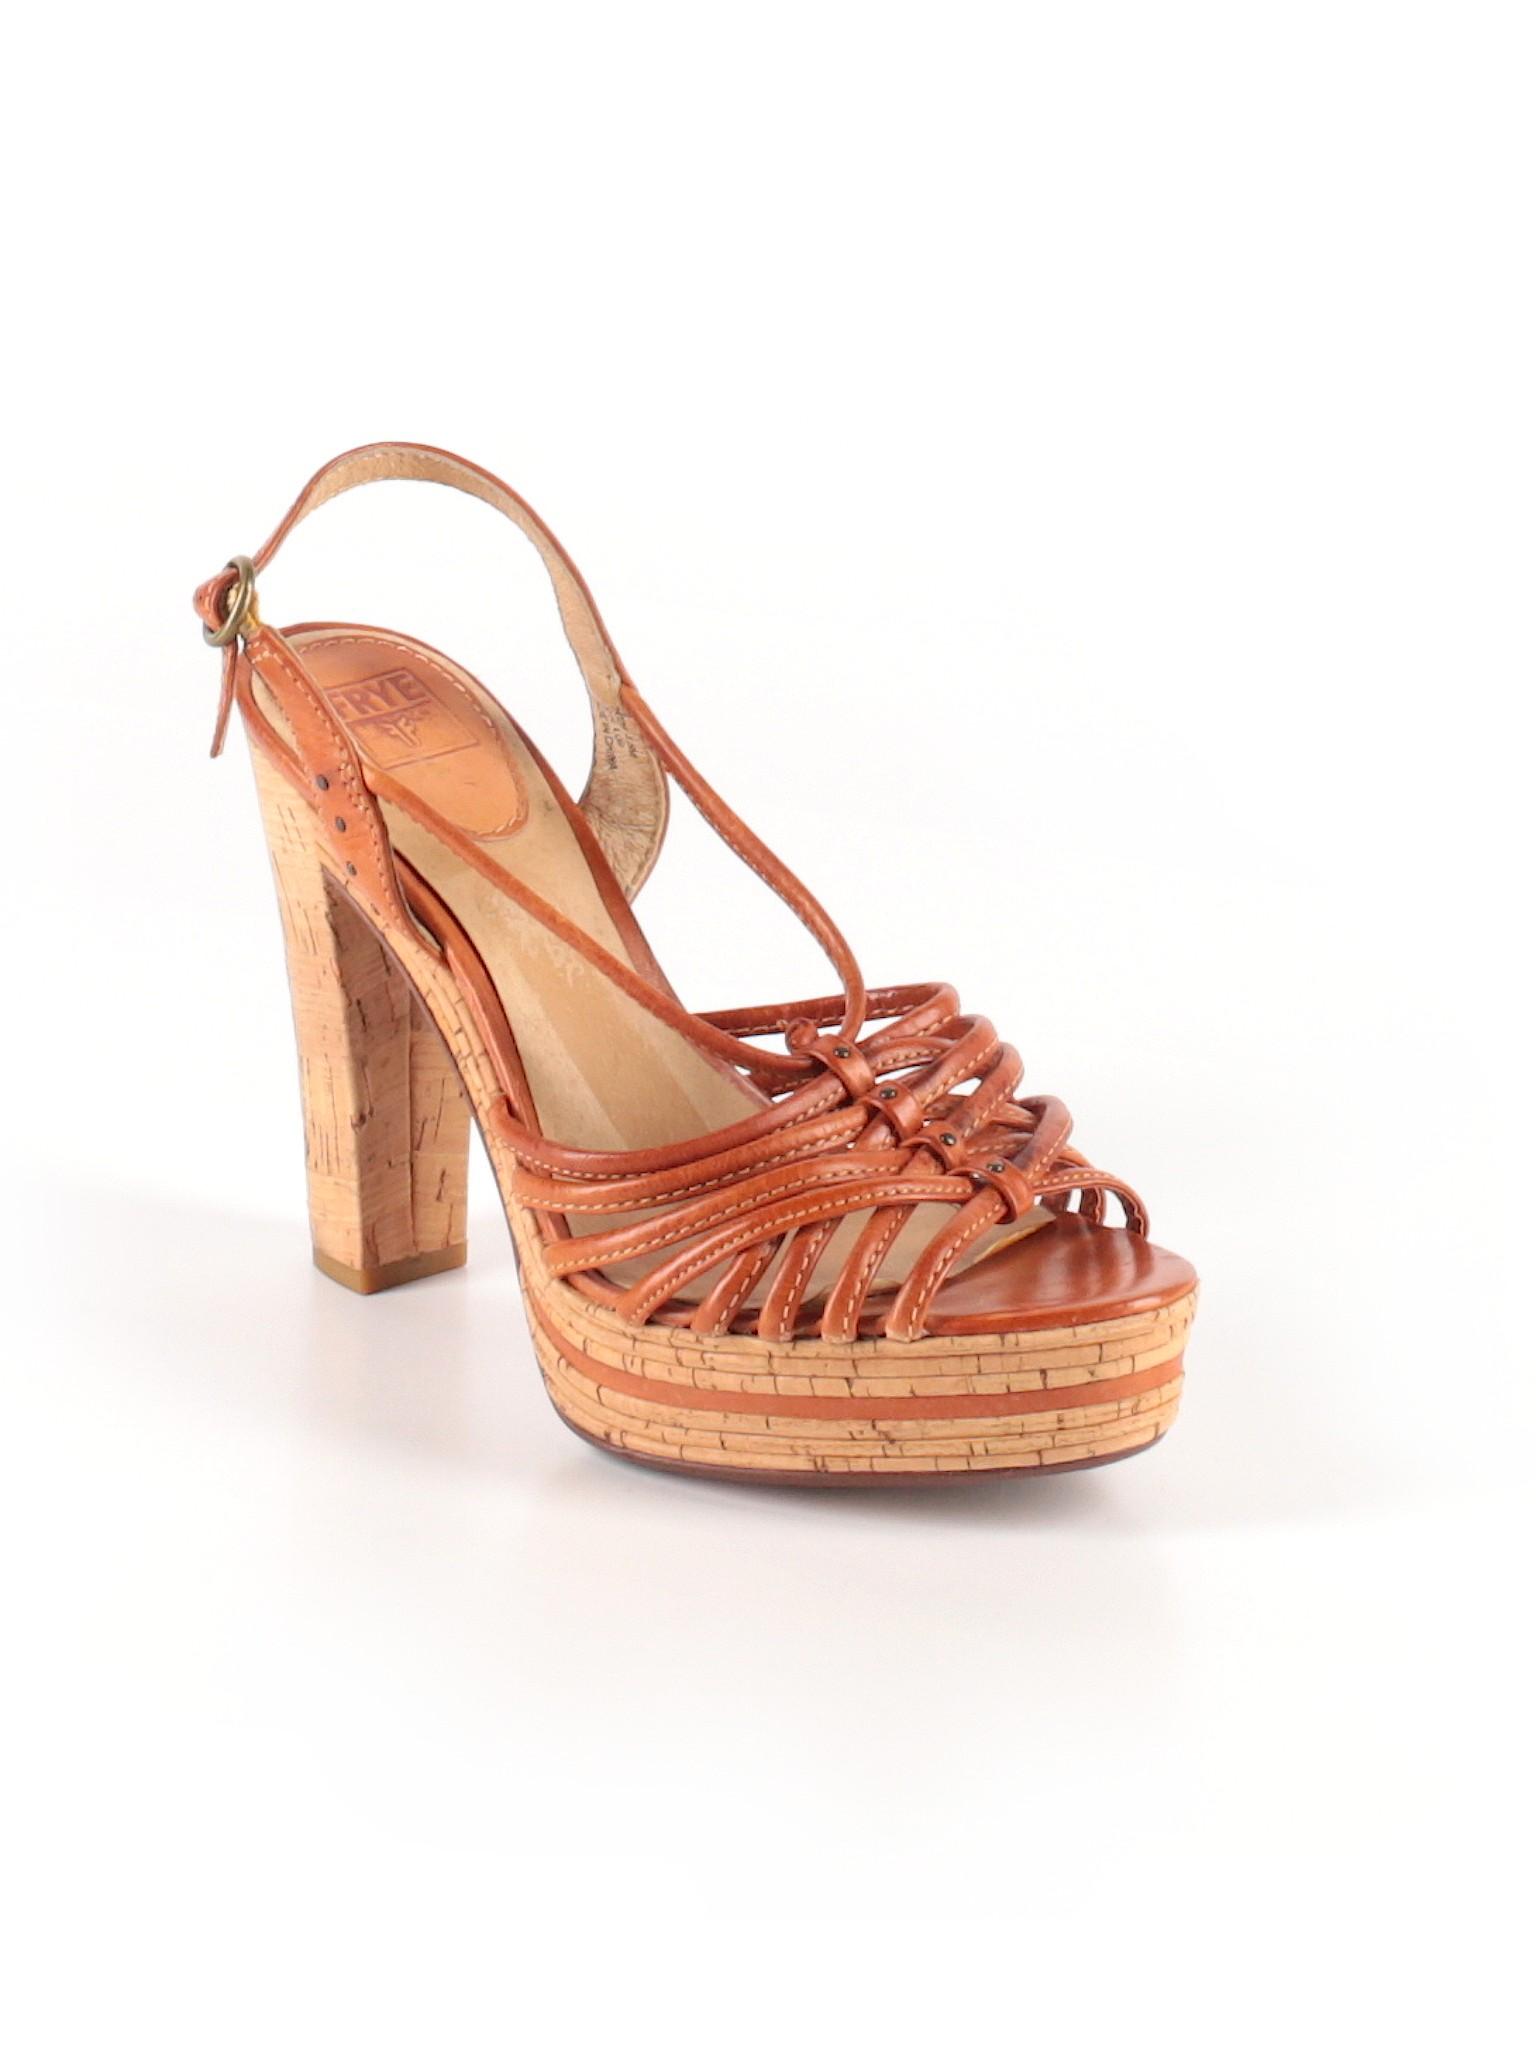 promotion Boutique Boutique promotion FRYE promotion Boutique Heels Heels FRYE fqOxdwY